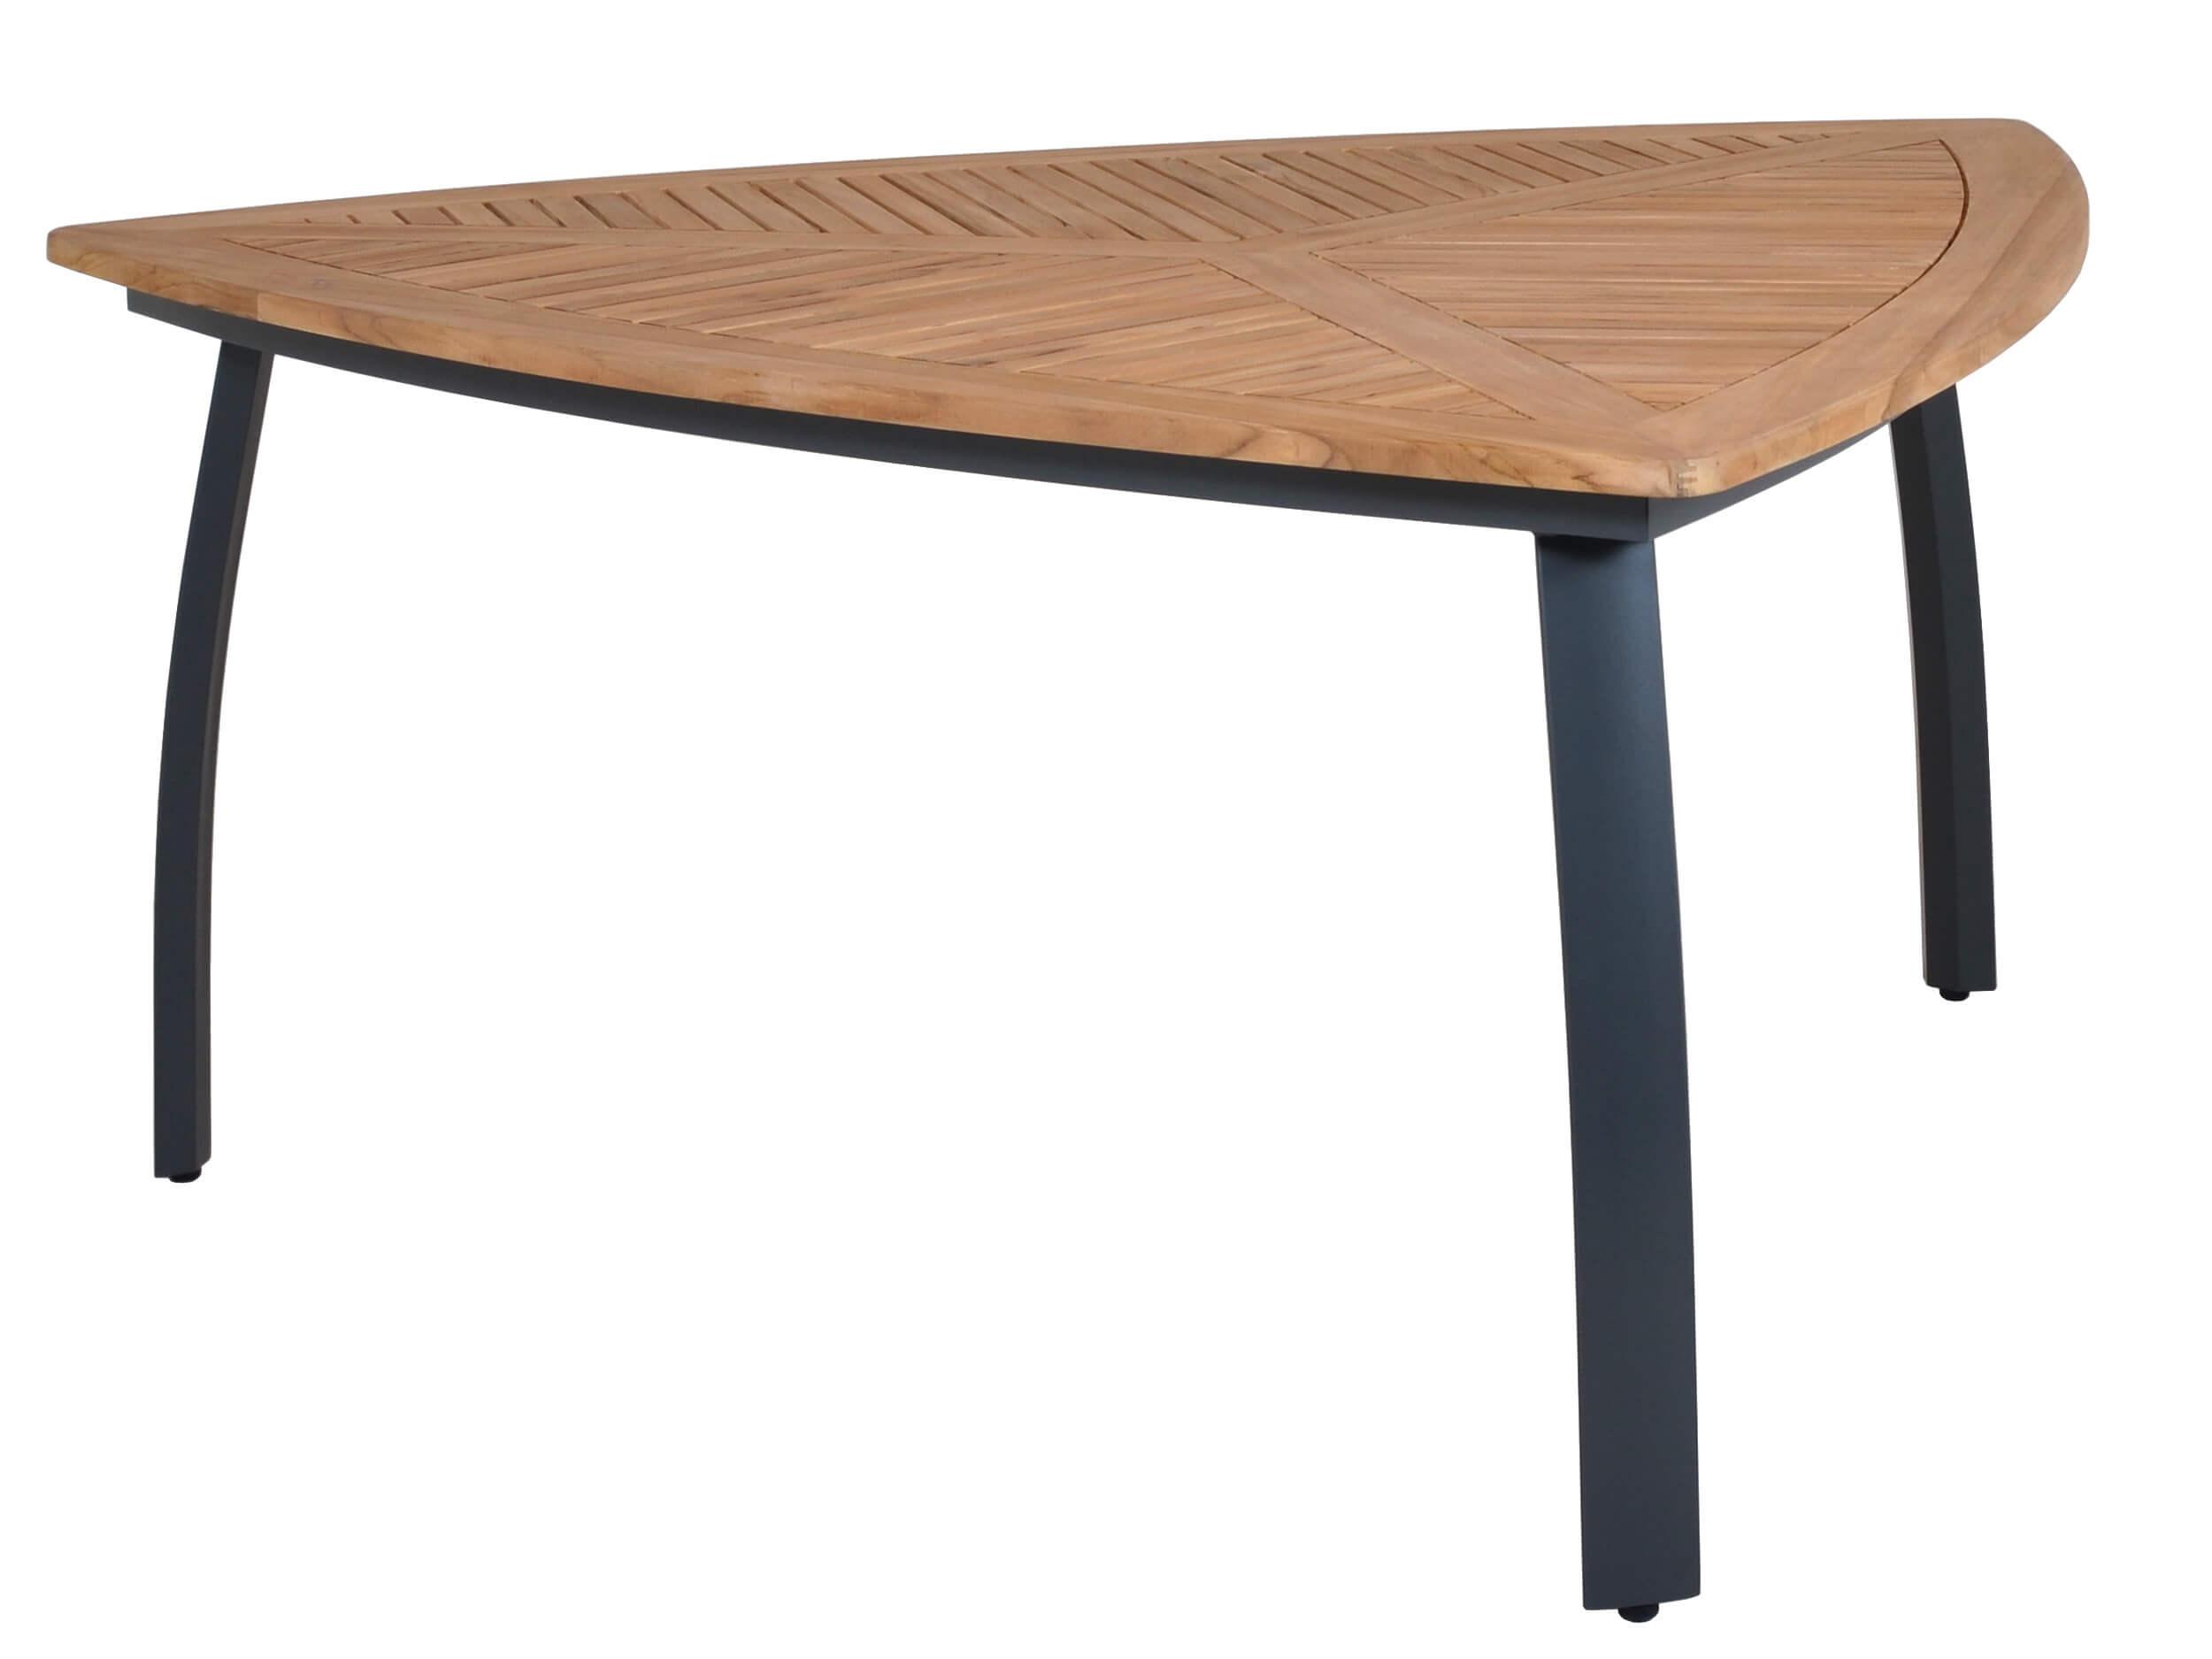 Gartentisch Dreieckig.Lünse Dreiecktisch Dortmund Alu Teak 160x160x160cm